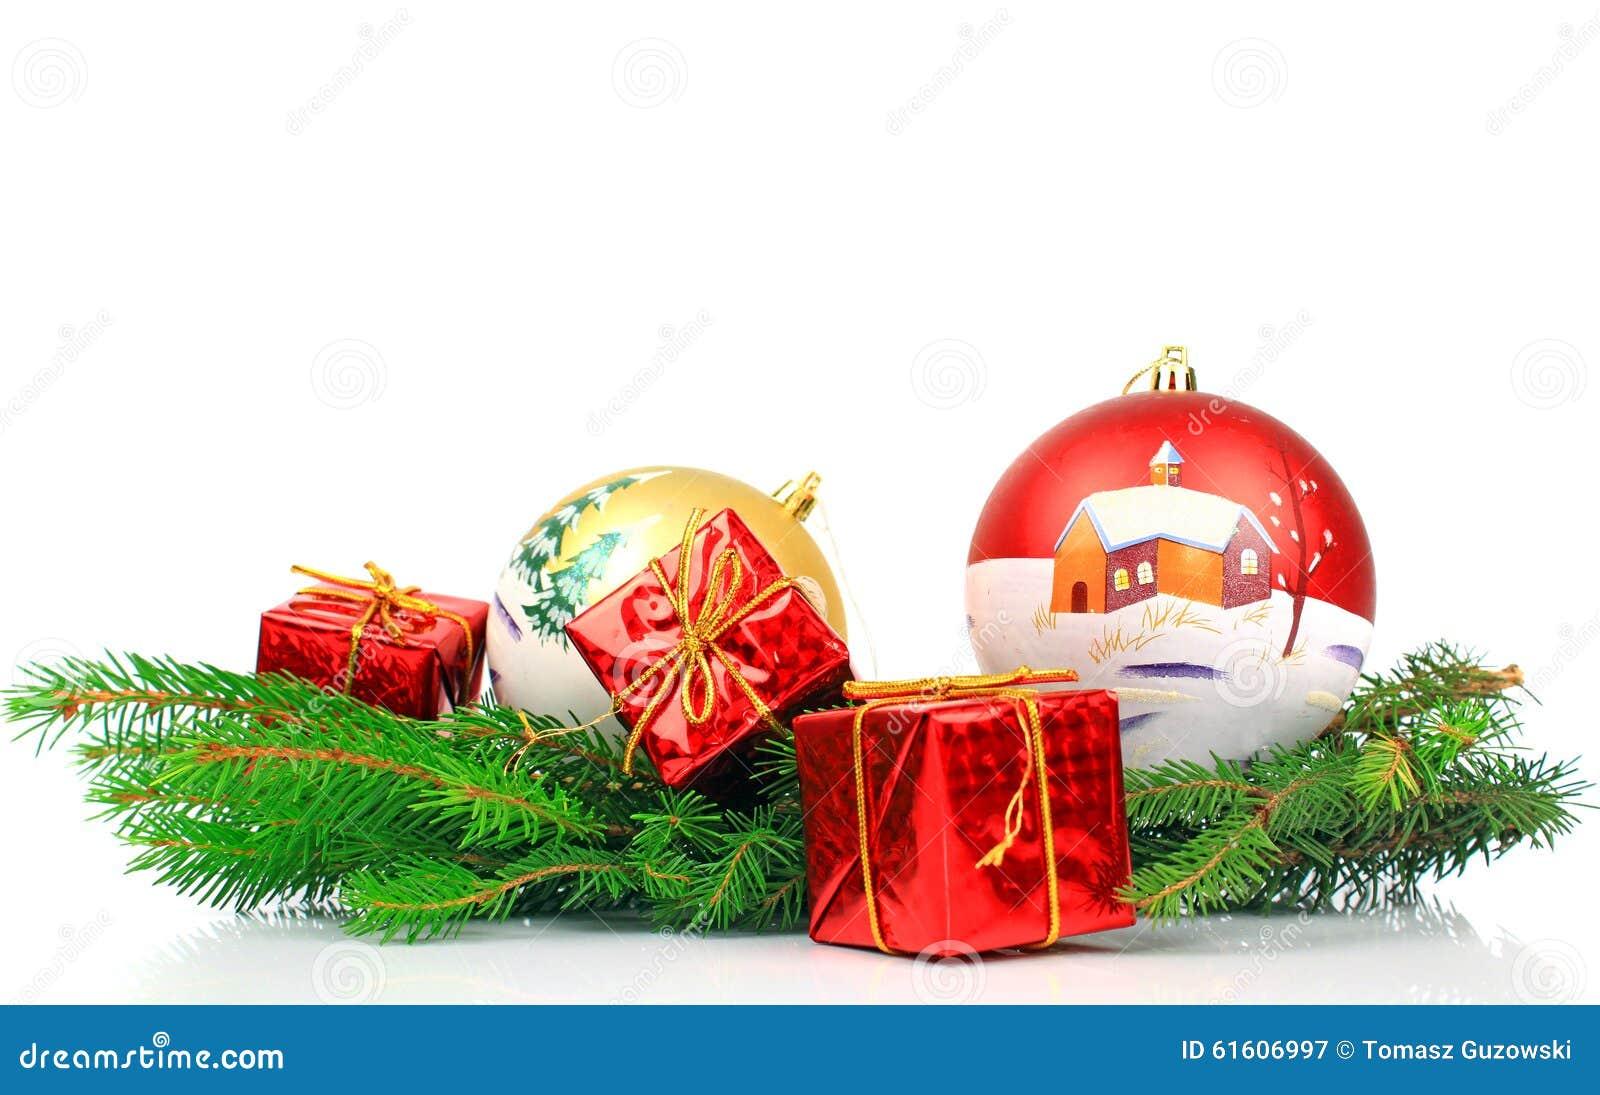 De decoratie van kerstmis stock afbeelding afbeelding bestaande uit spar 61606997 - Foto van decoratie ...